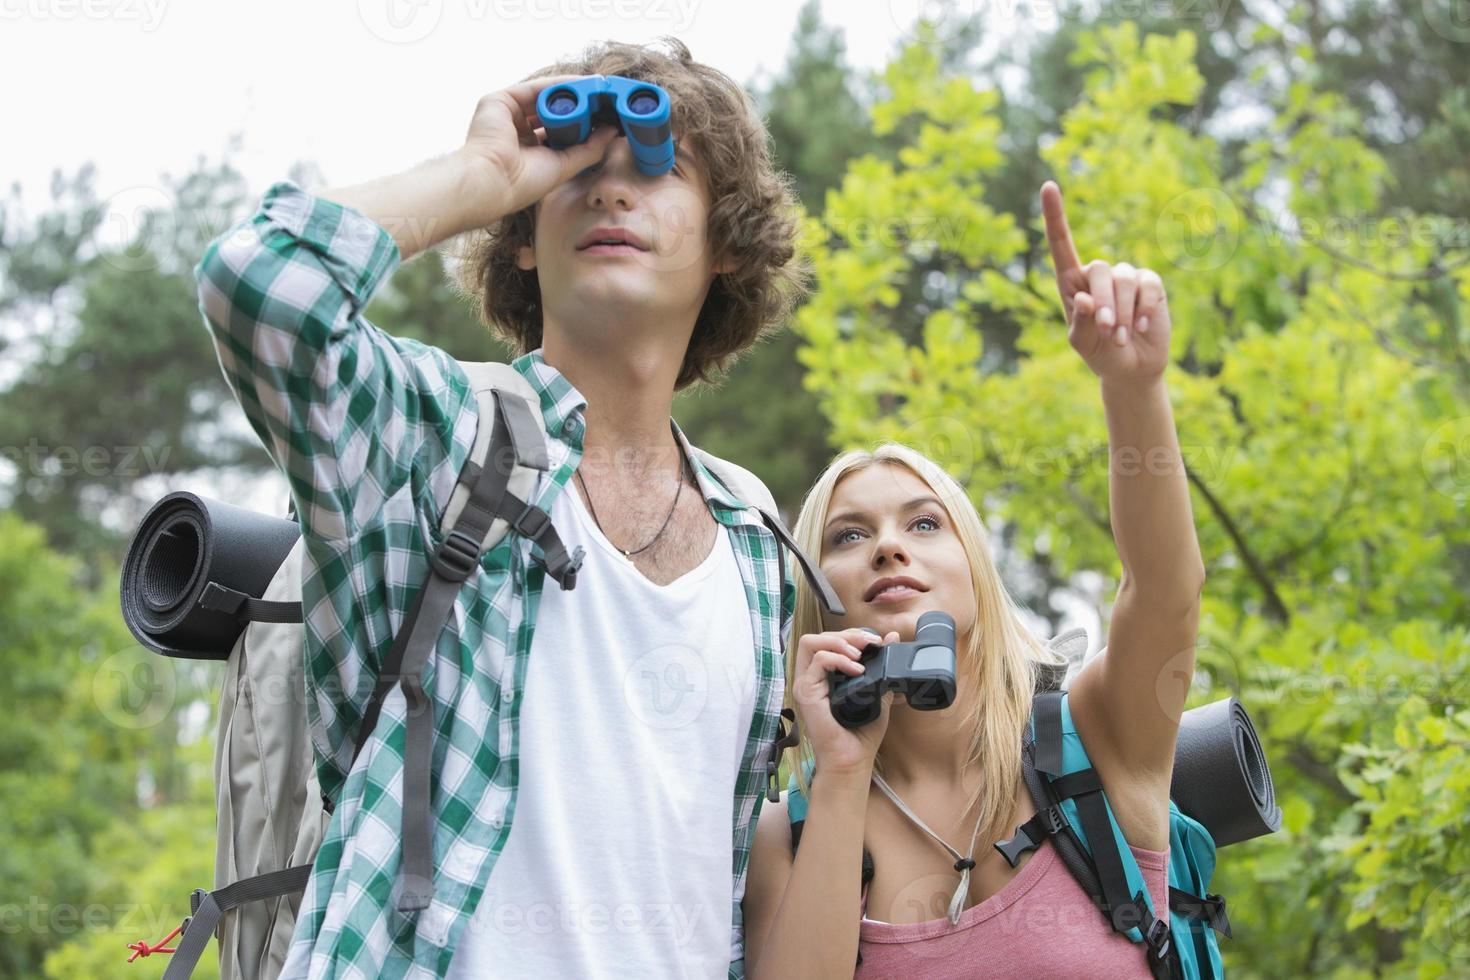 escursionista maschio usando il binocolo mentre fidanzata mostrando qualcosa nella foresta foto